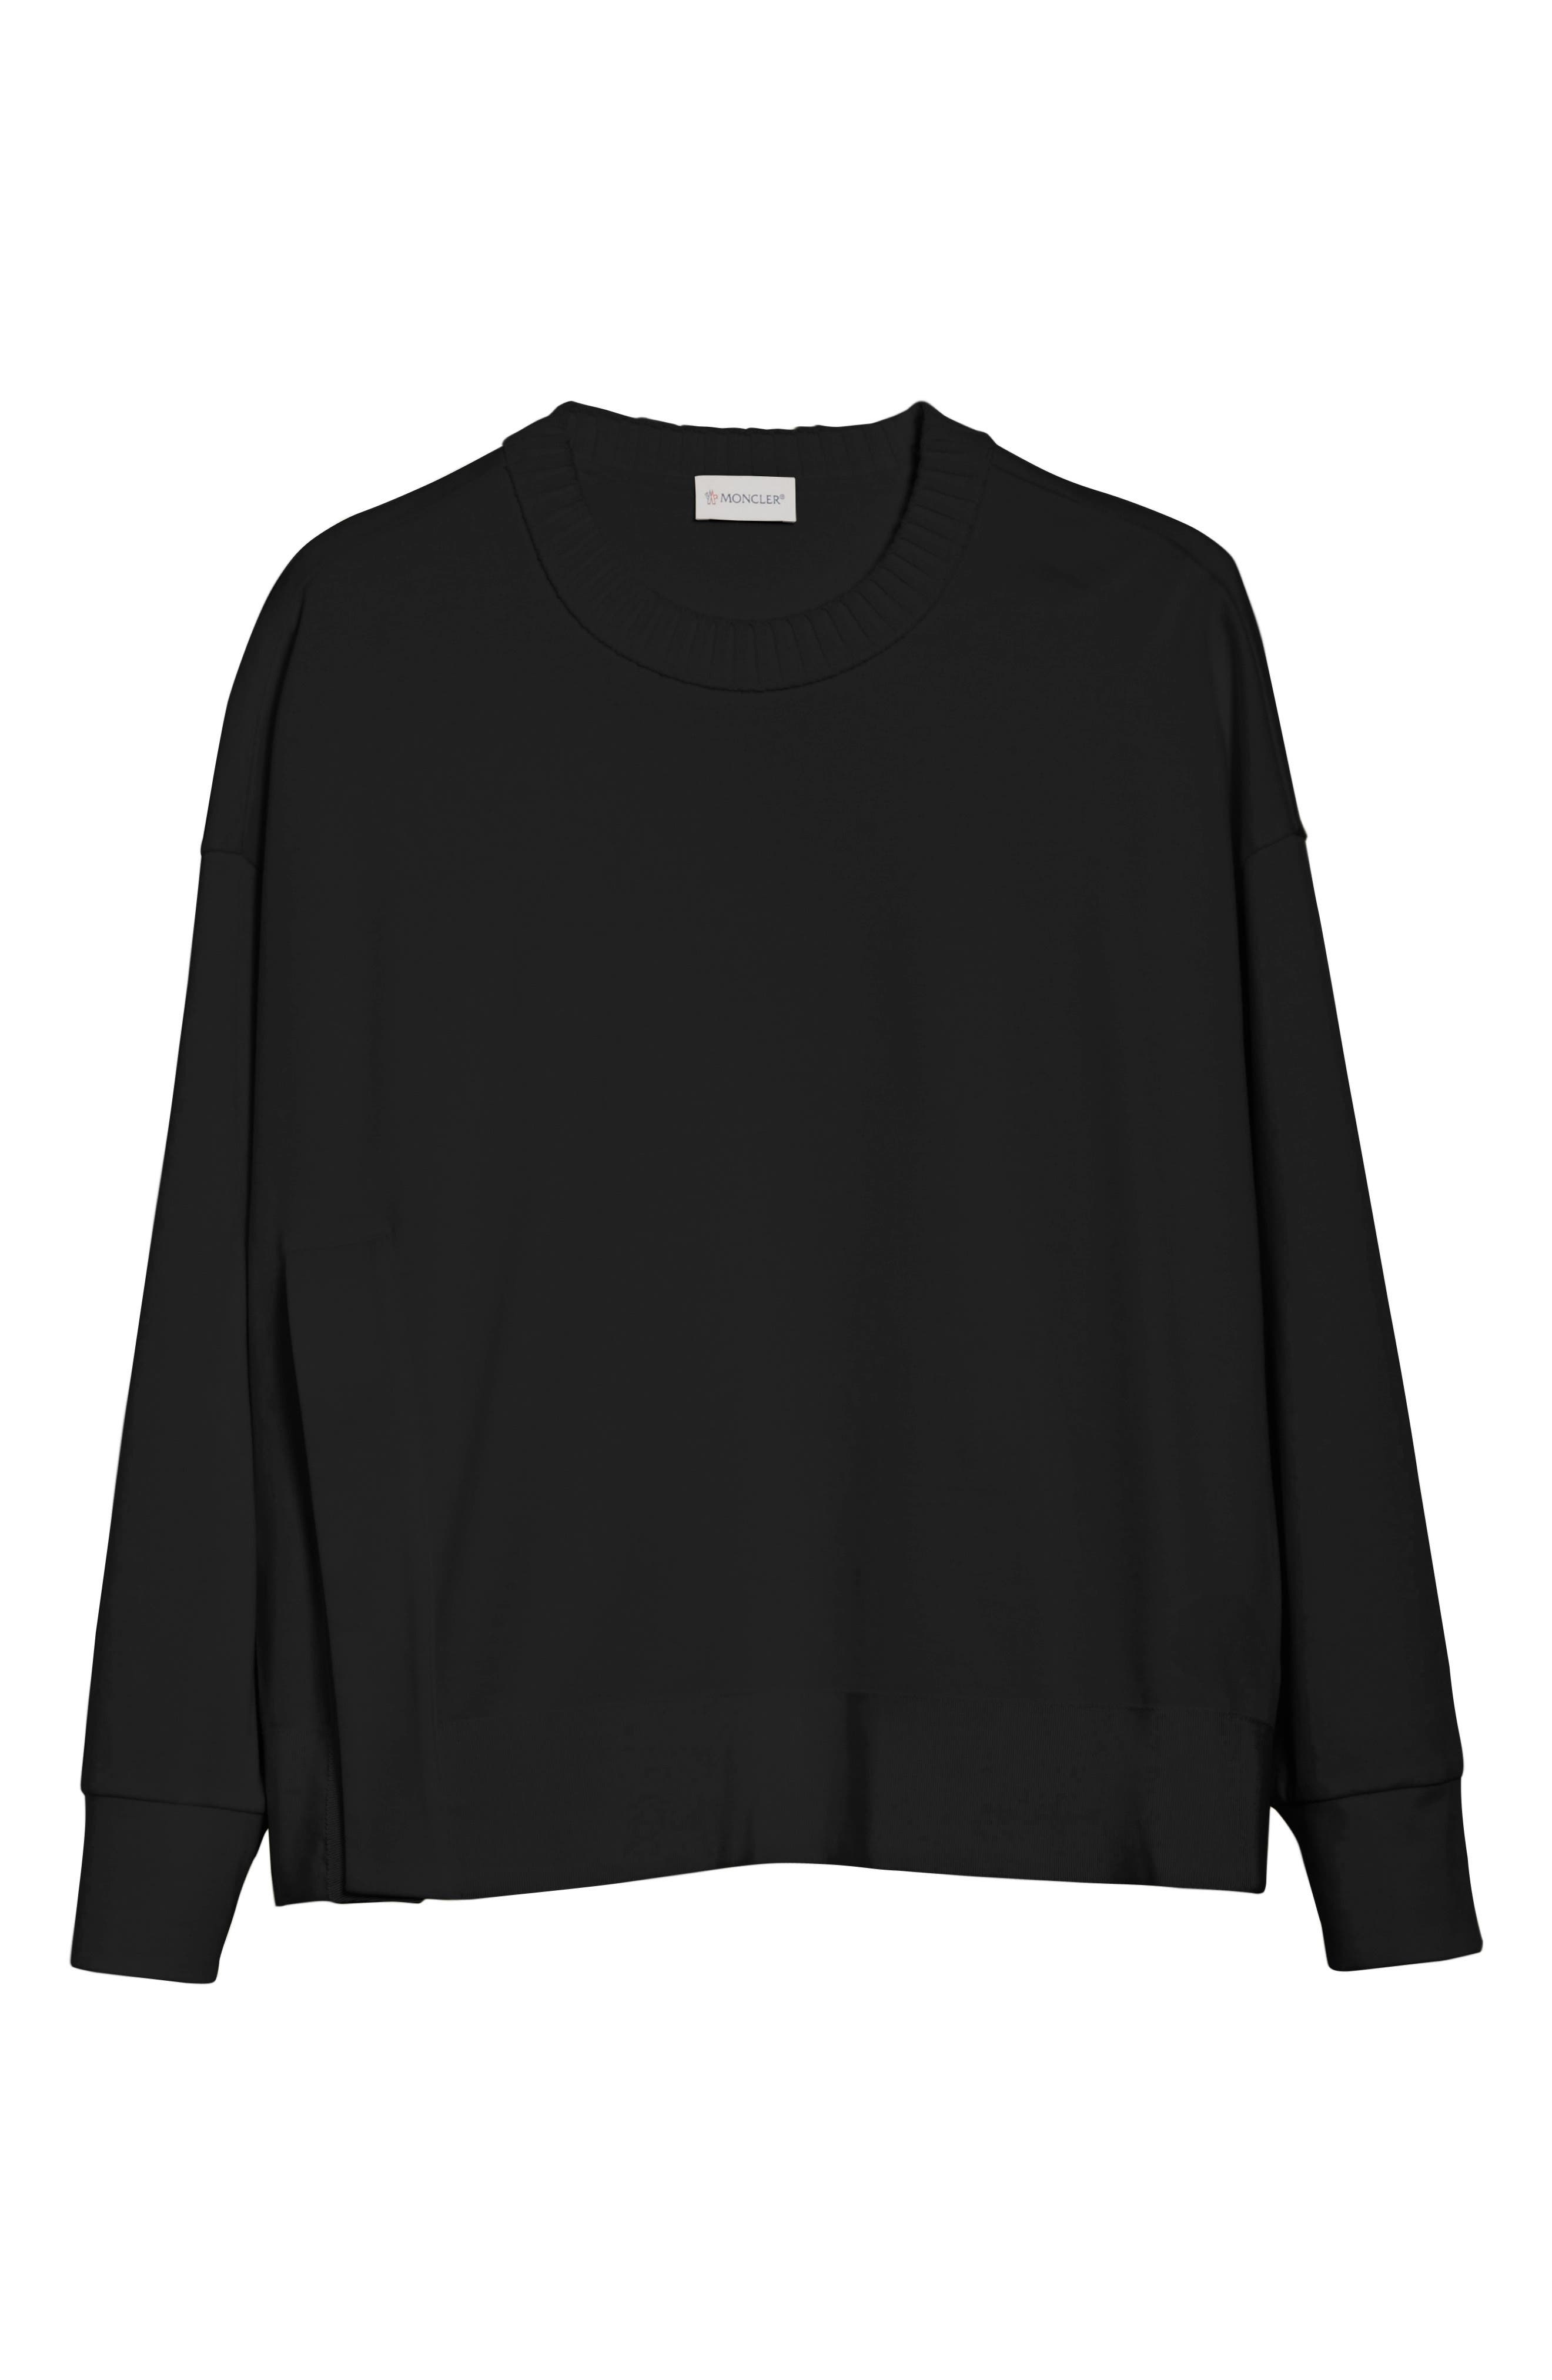 Cotton Sweatshirt,                             Alternate thumbnail 6, color,                             001